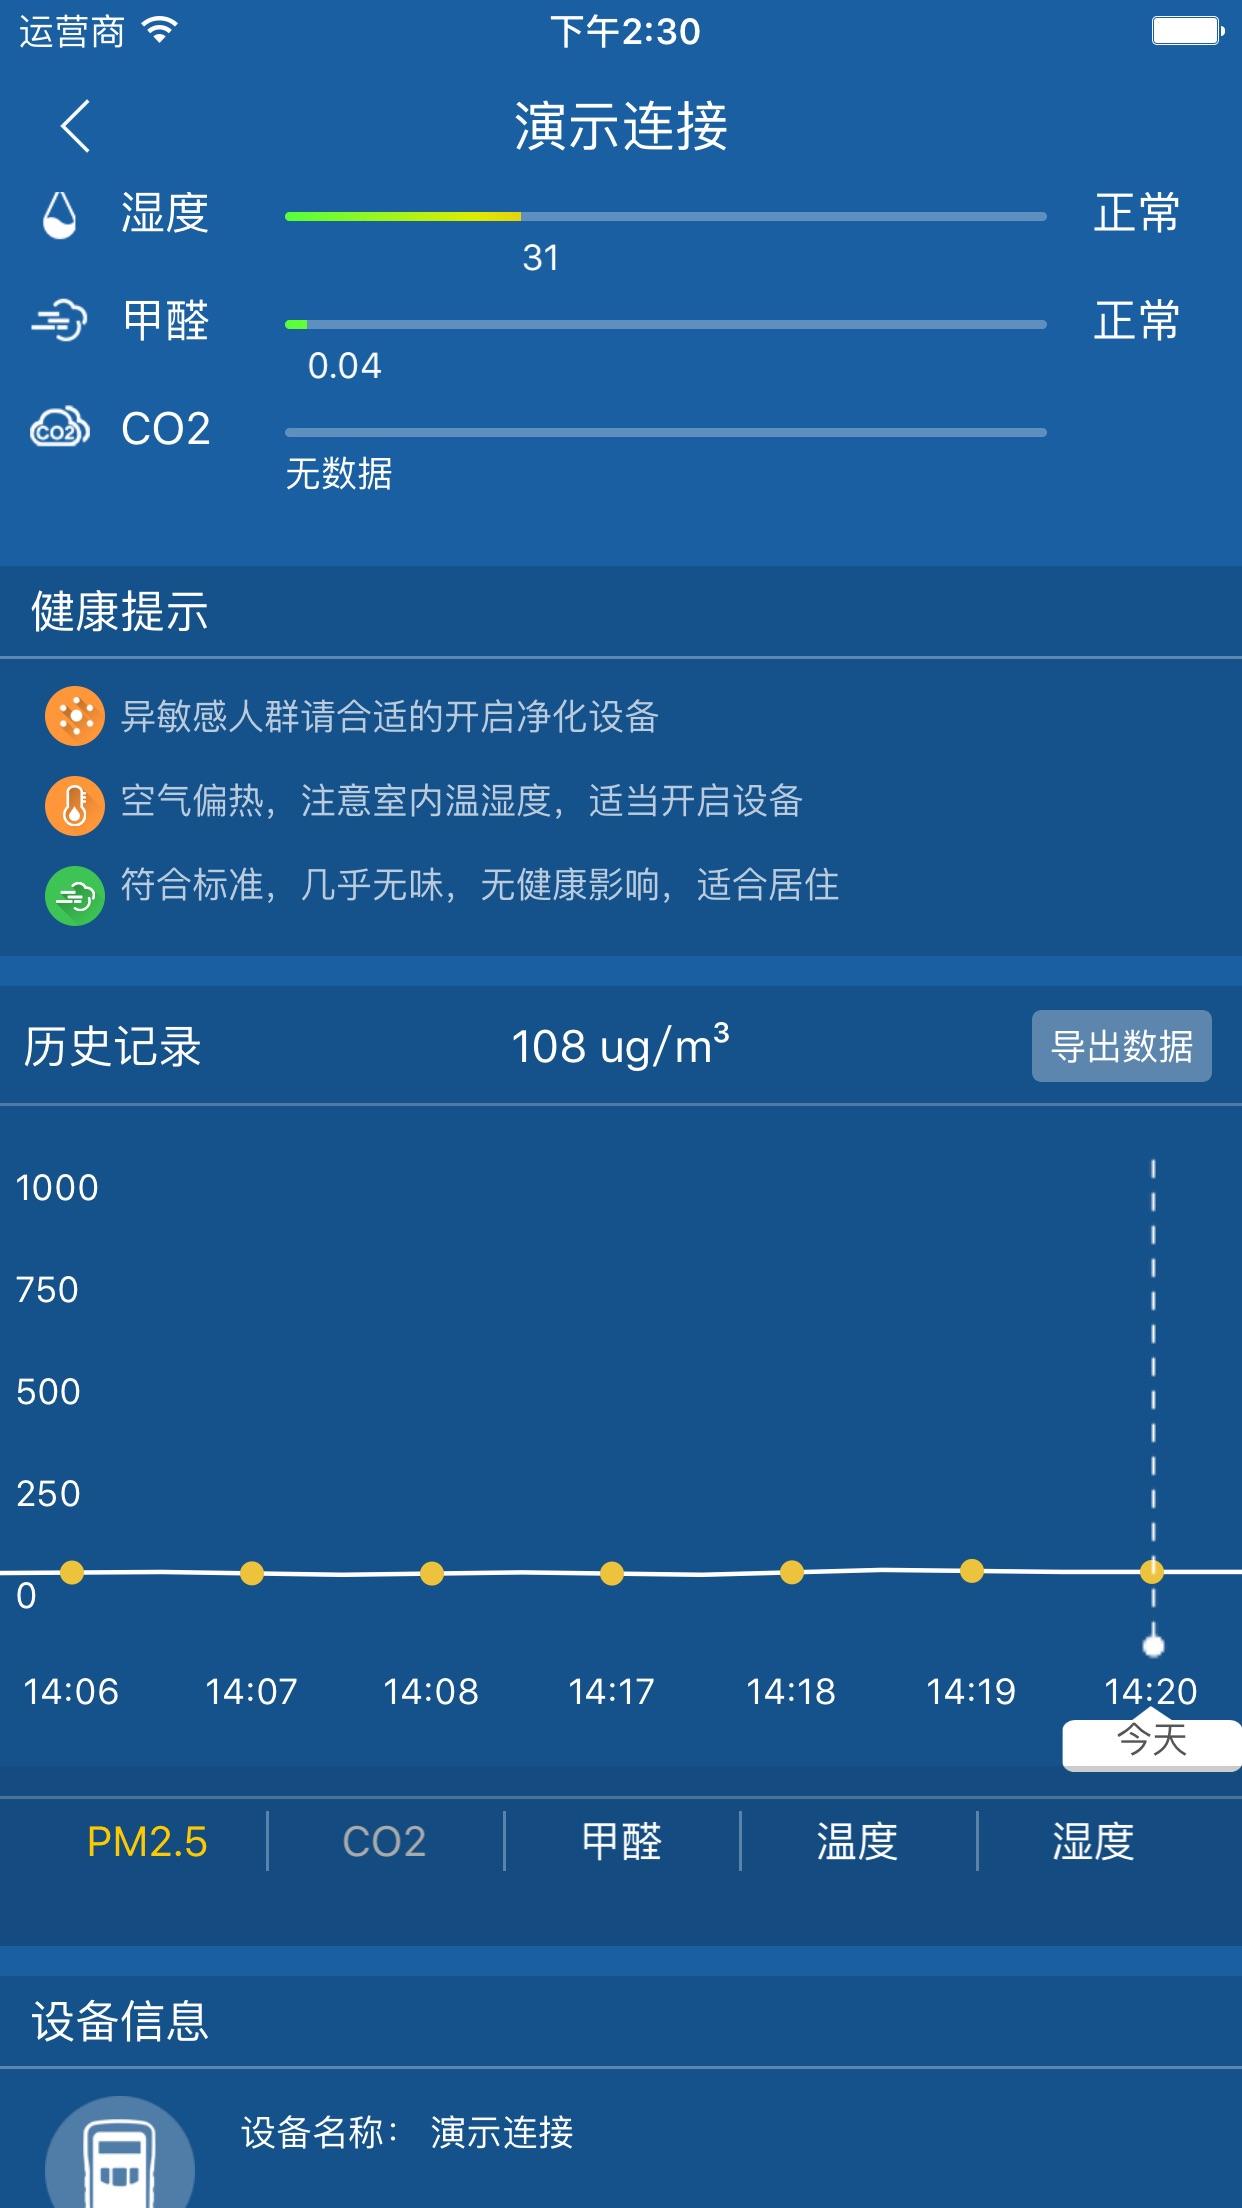 微霾-空气质量看得见 Screenshot